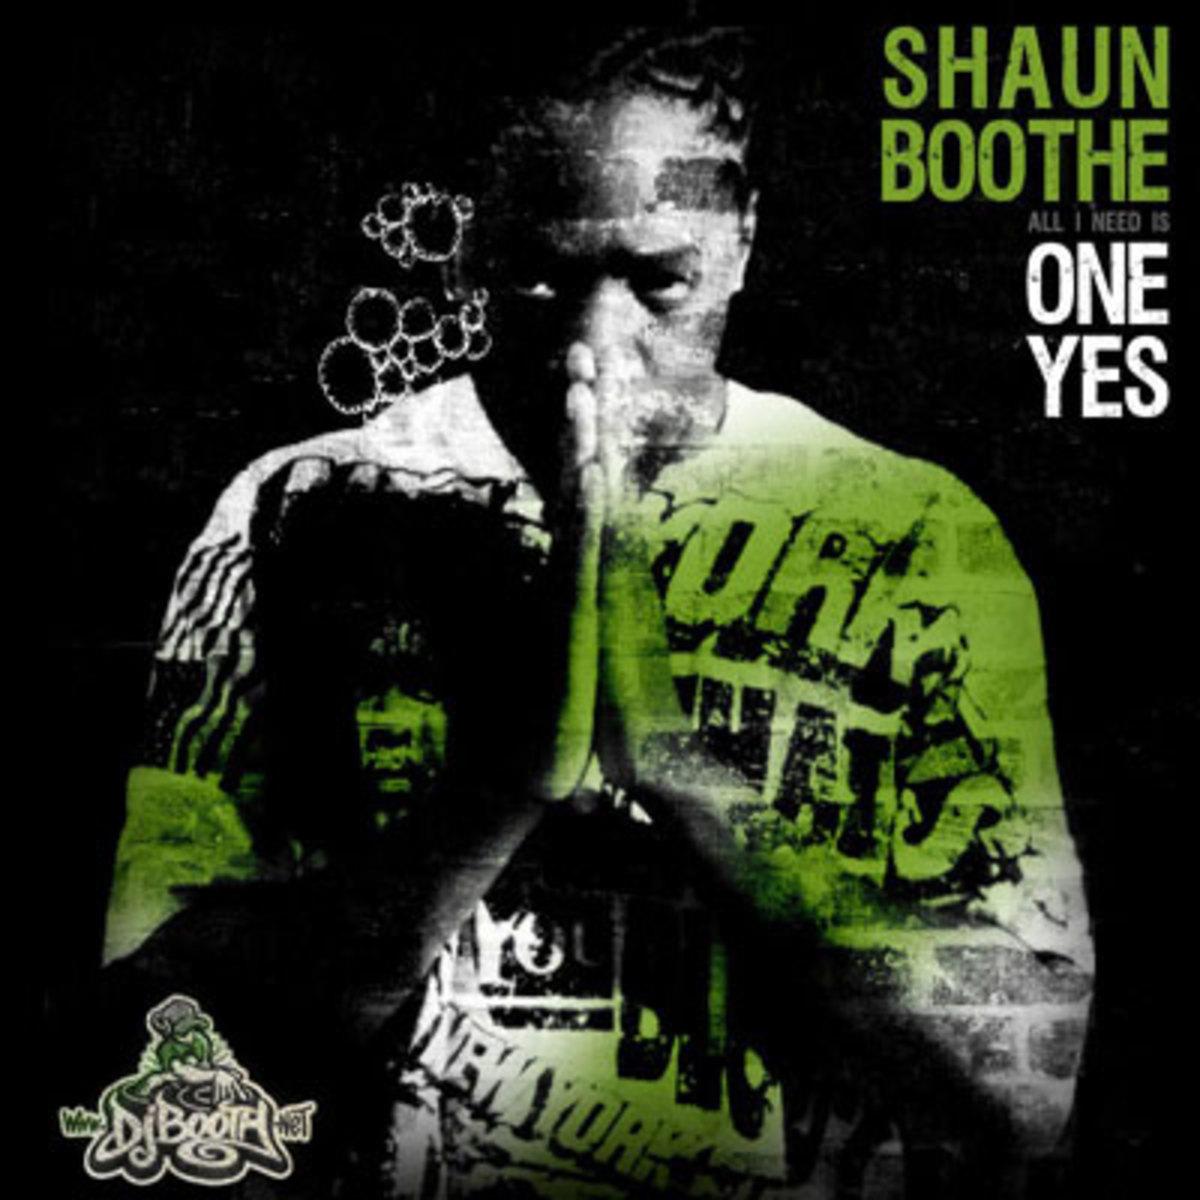 shaunbooth-oneyes.jpg